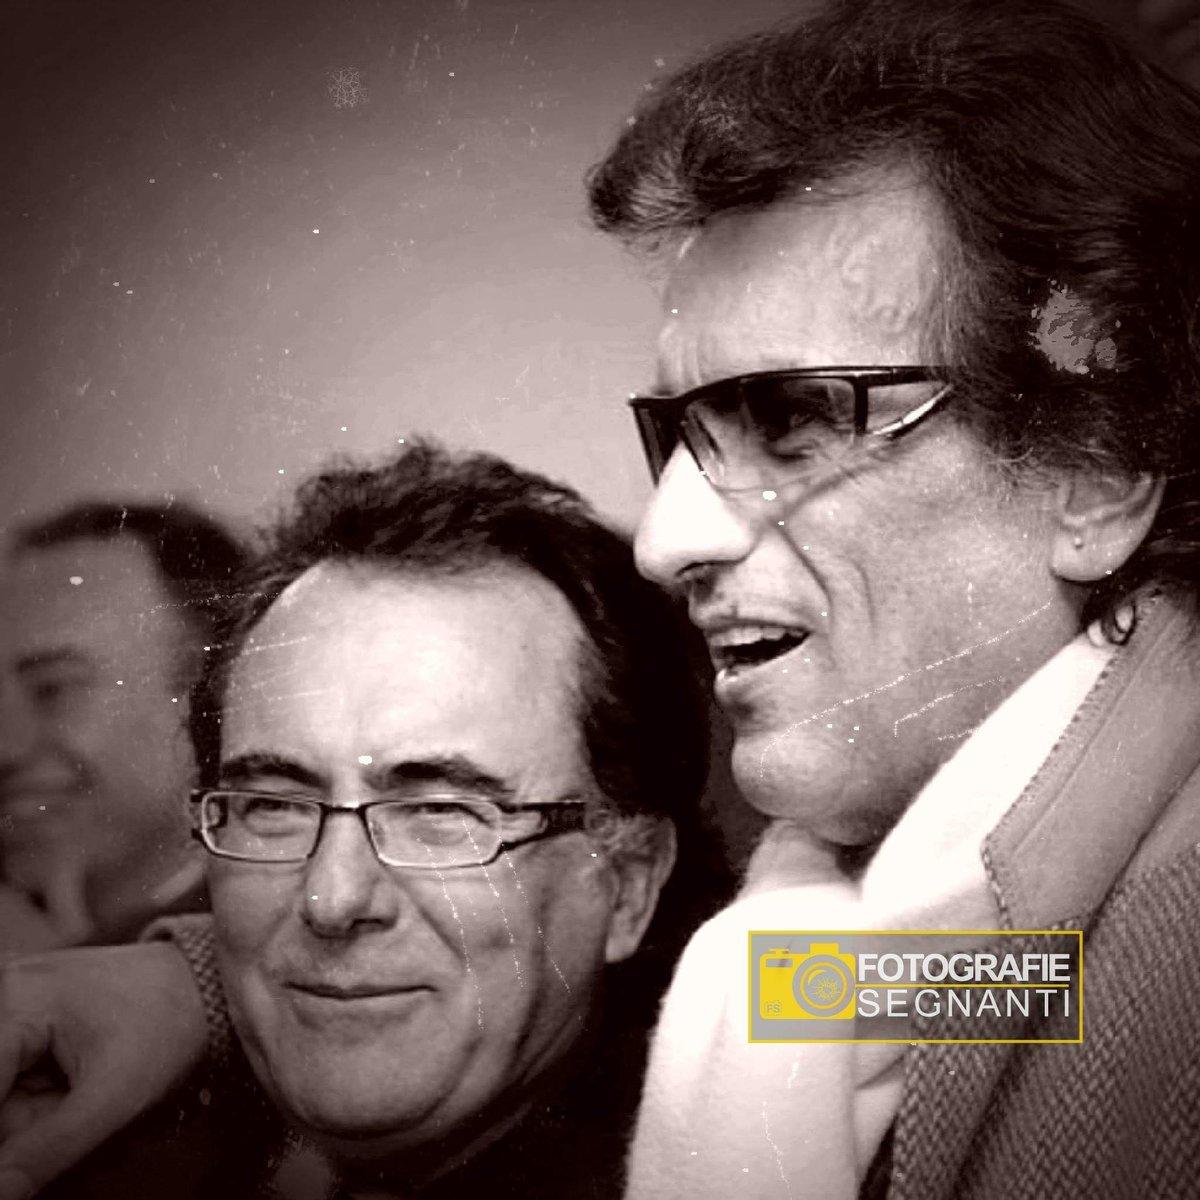 Fotografie Segnanti's photo on #TotoCutugno